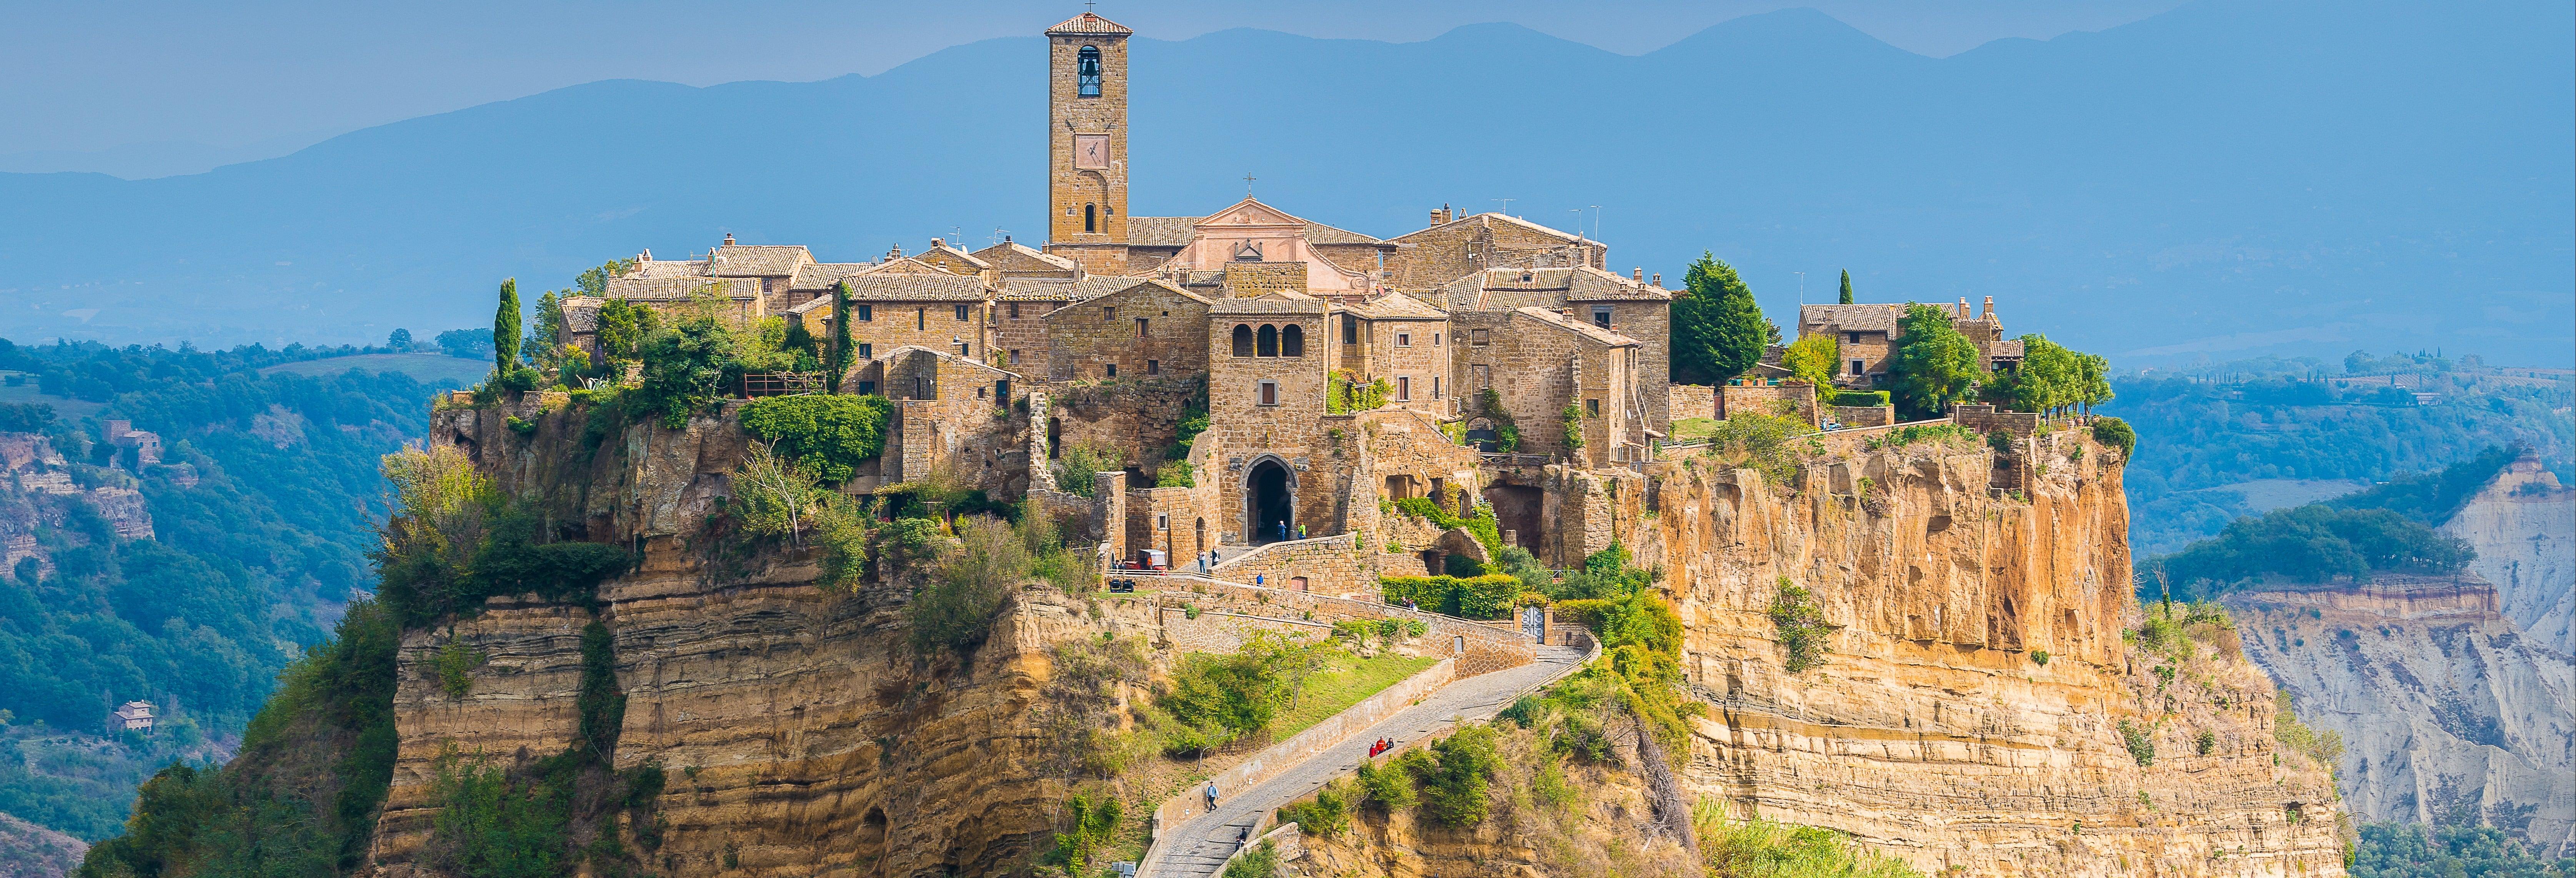 Excursión a Civita di Bagnoregio y Bosque Sagrado de Bomarzo